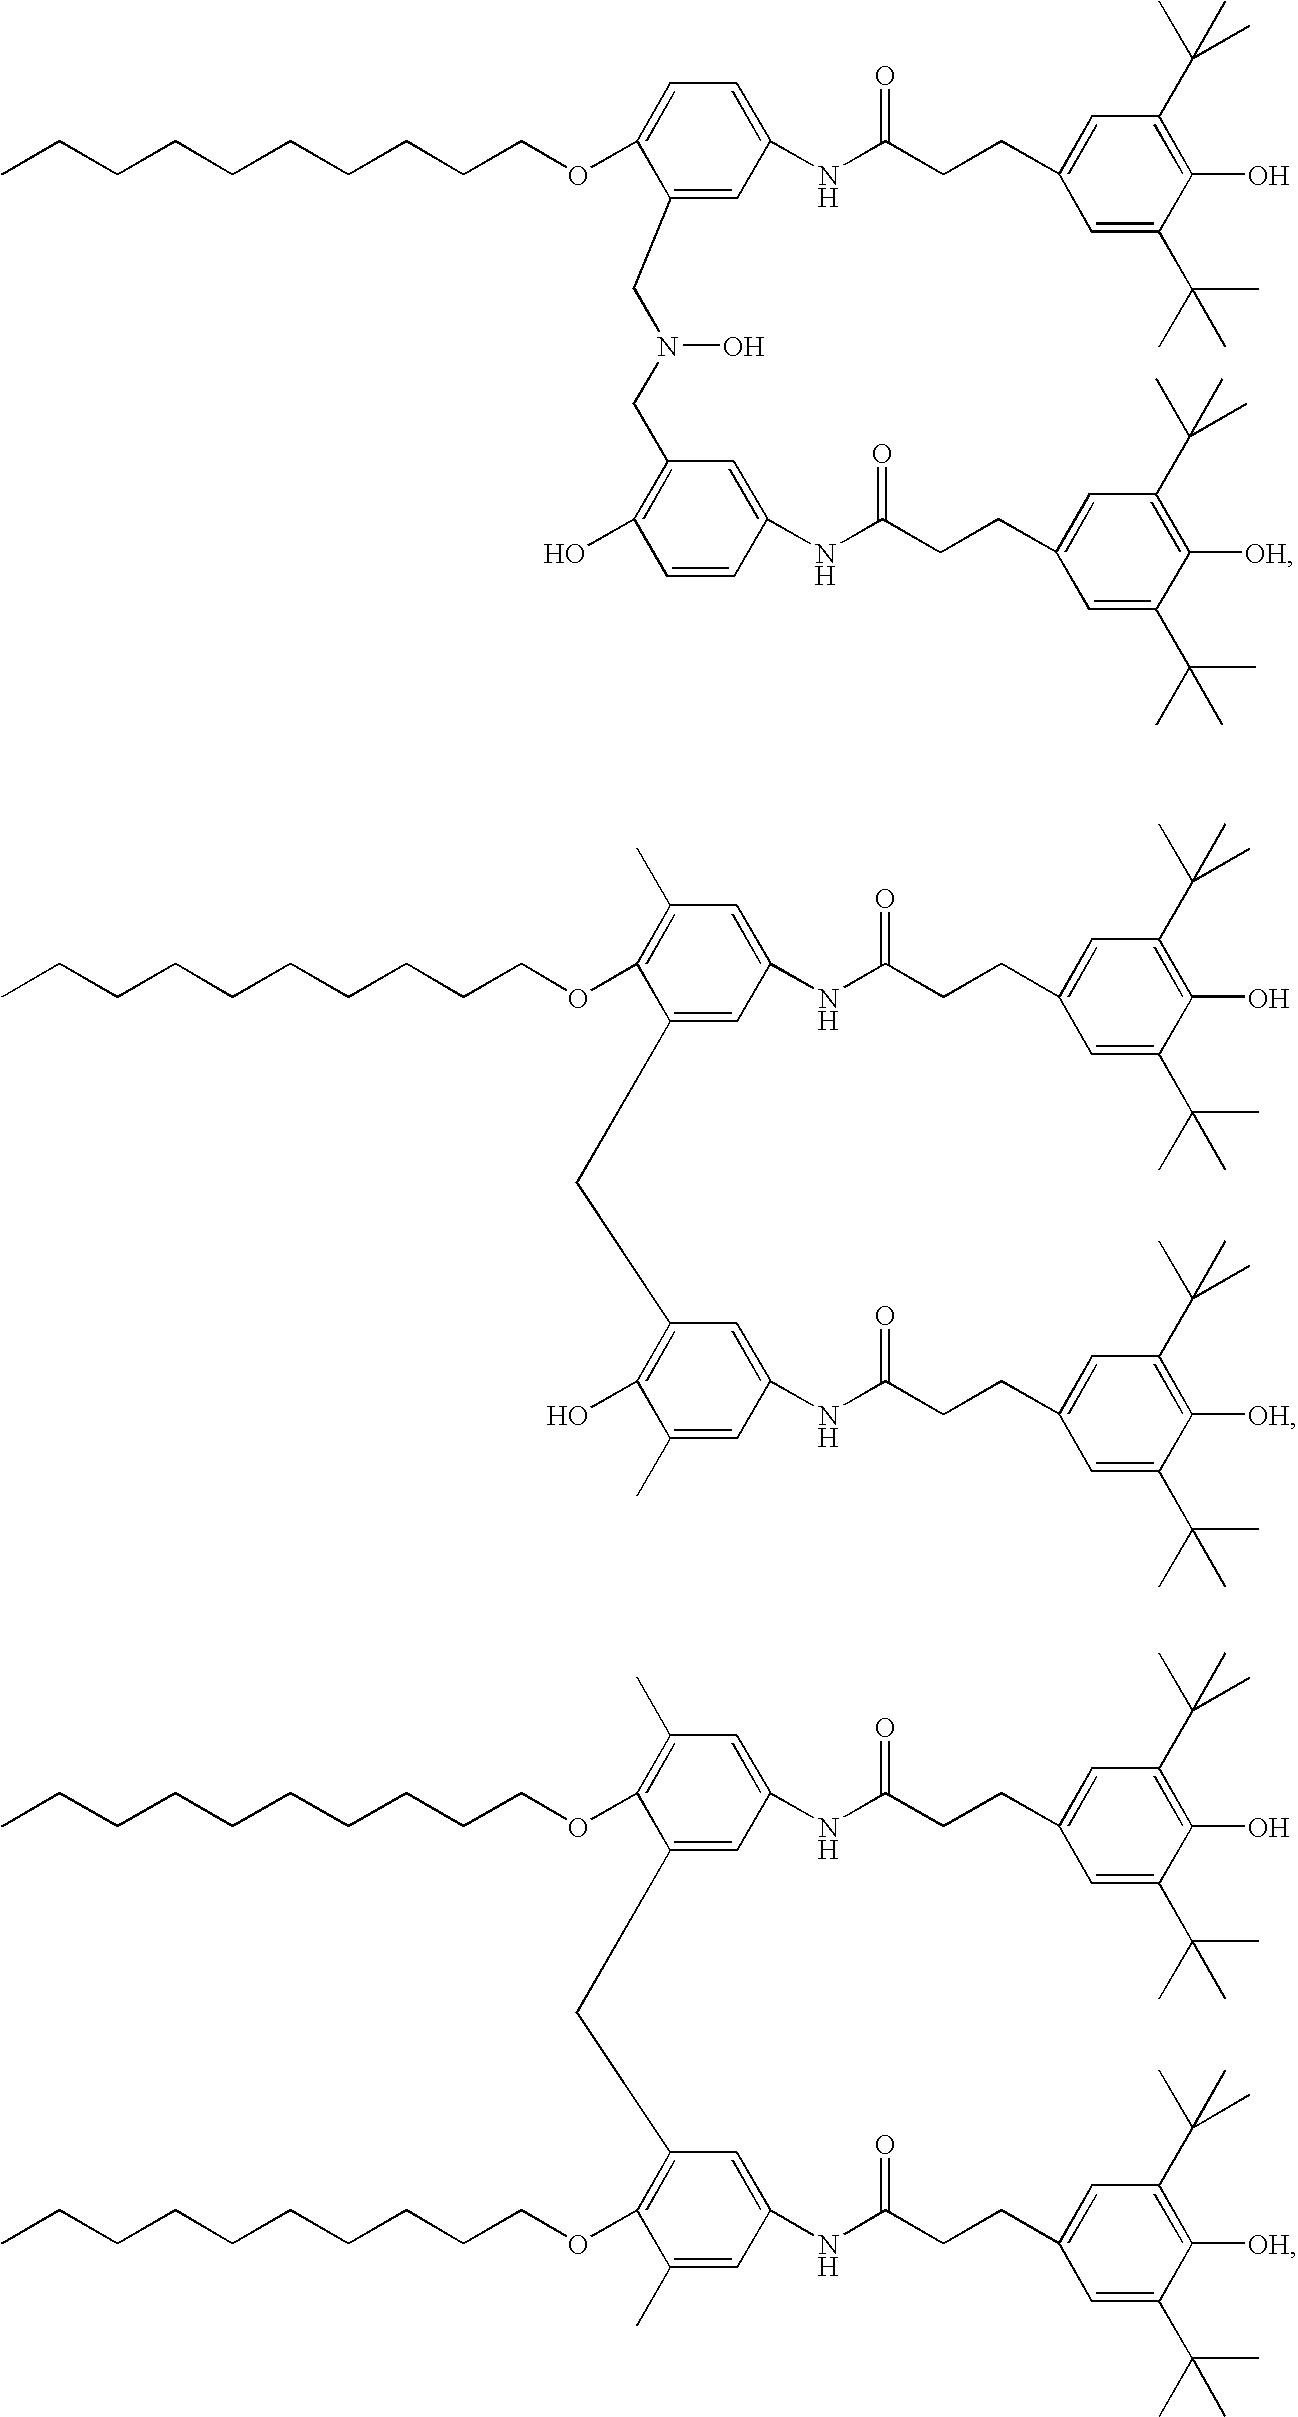 Figure US20060233741A1-20061019-C00068